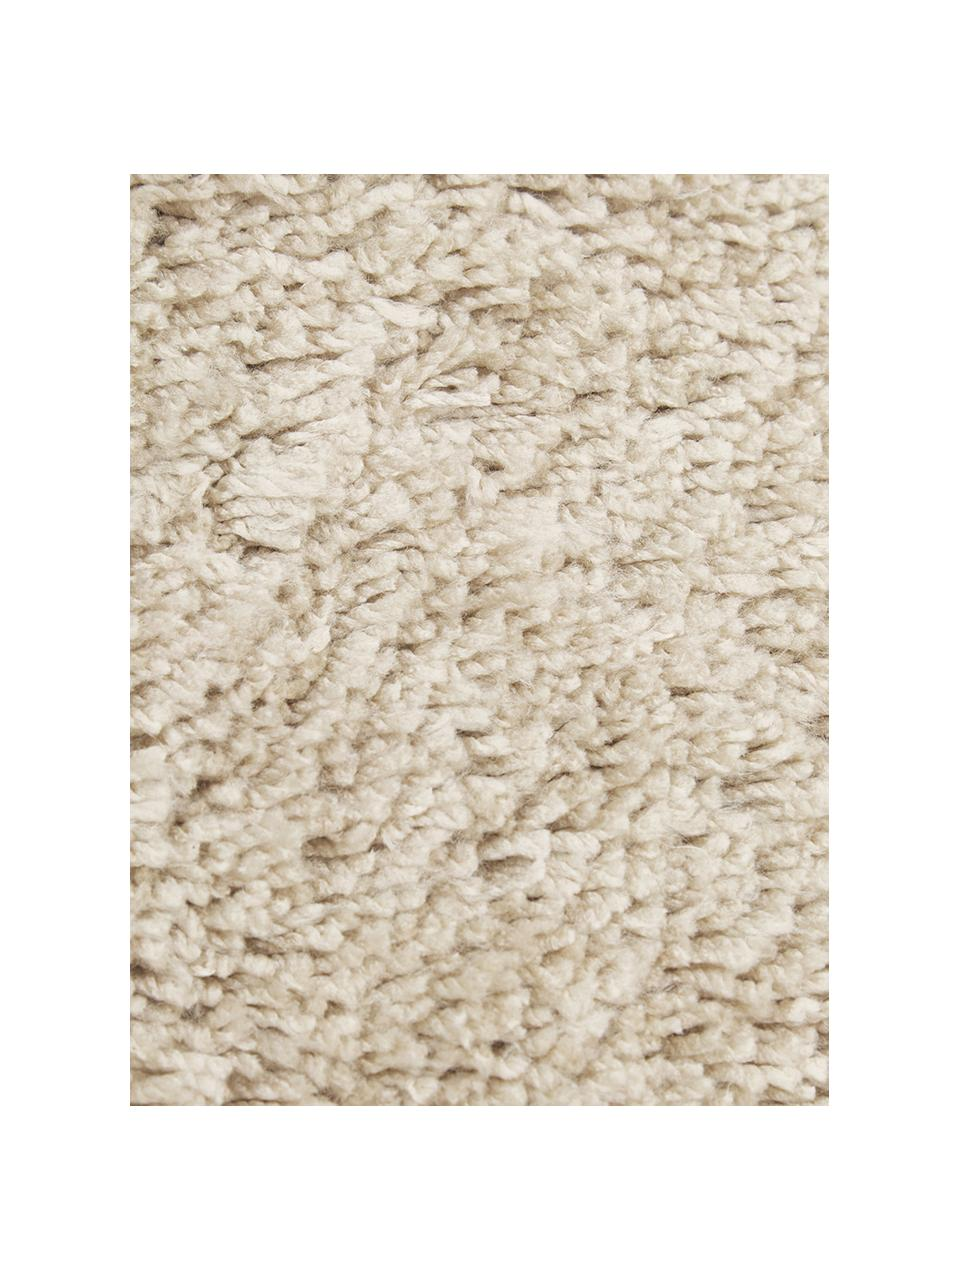 Flauschiger runder Hochflor-Teppich Dreamy mit Fransen, Flor: 100% Polyester, Creme, Ø 200 cm (Größe L)